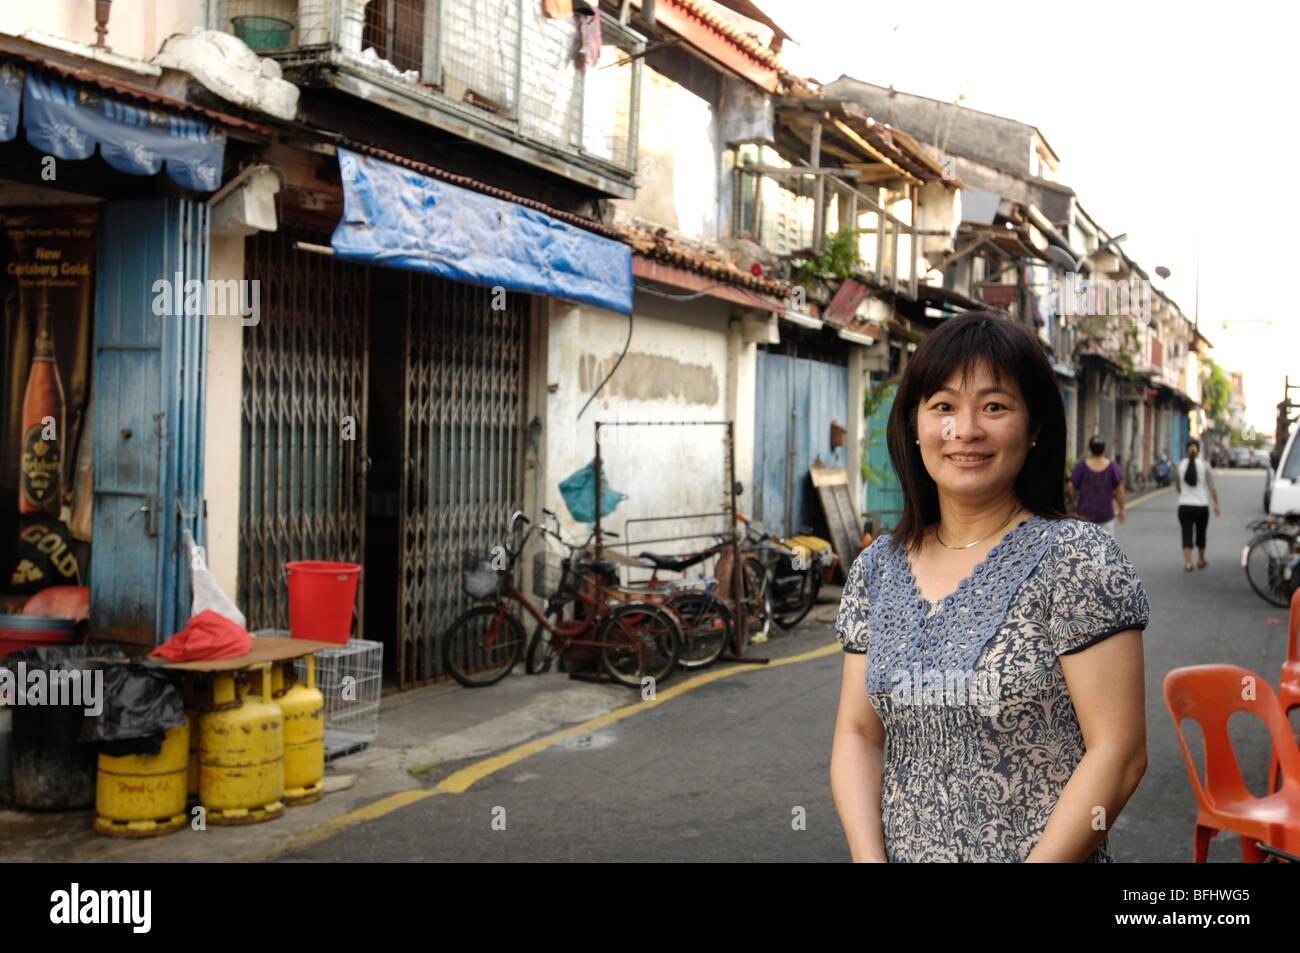 Chinese girl posing in Melaka, streets of Malacca, antique goods, Jonker Street chinese girl, Melaka market, francis - Stock Image